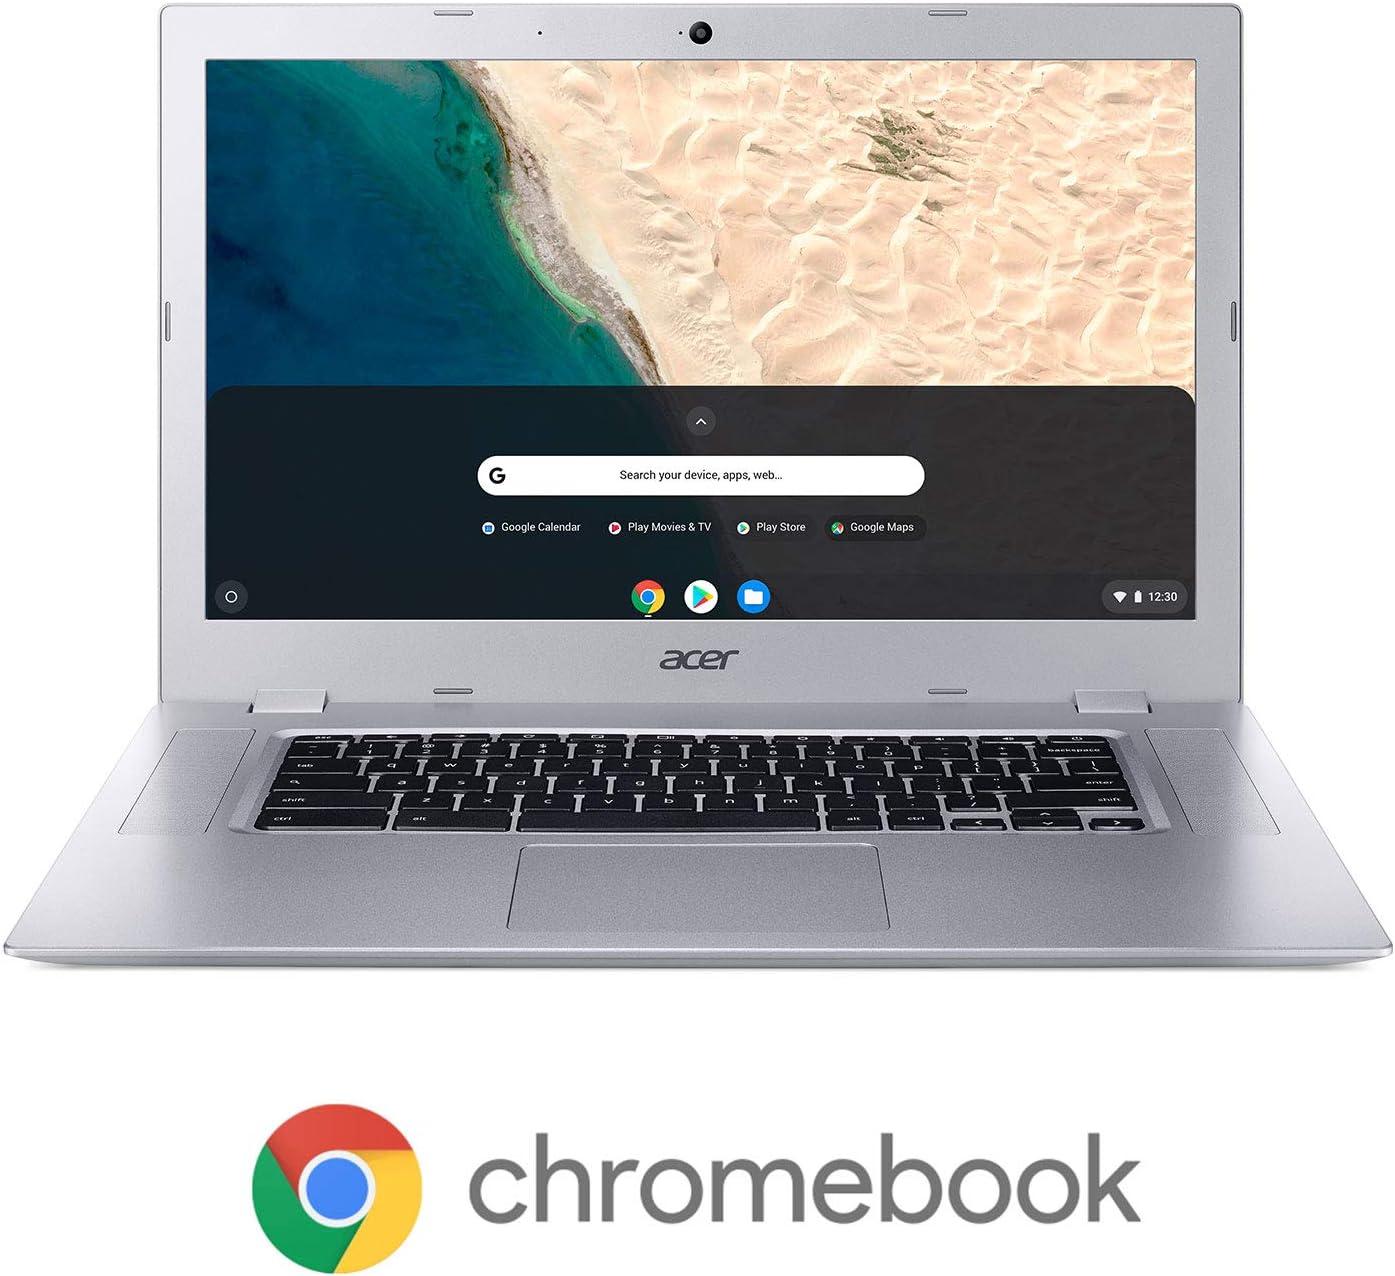 """Acer Chromebook 315, AMD A4-9120C Processor, 15.6"""" Full HD Touch Display, AMD Radeon R4 Graphics, 4GB DDR4, 64GB eMMC, 802.11ac WiFi, Bluetooth, Google Chrome, CB315-2HT-44MJ"""